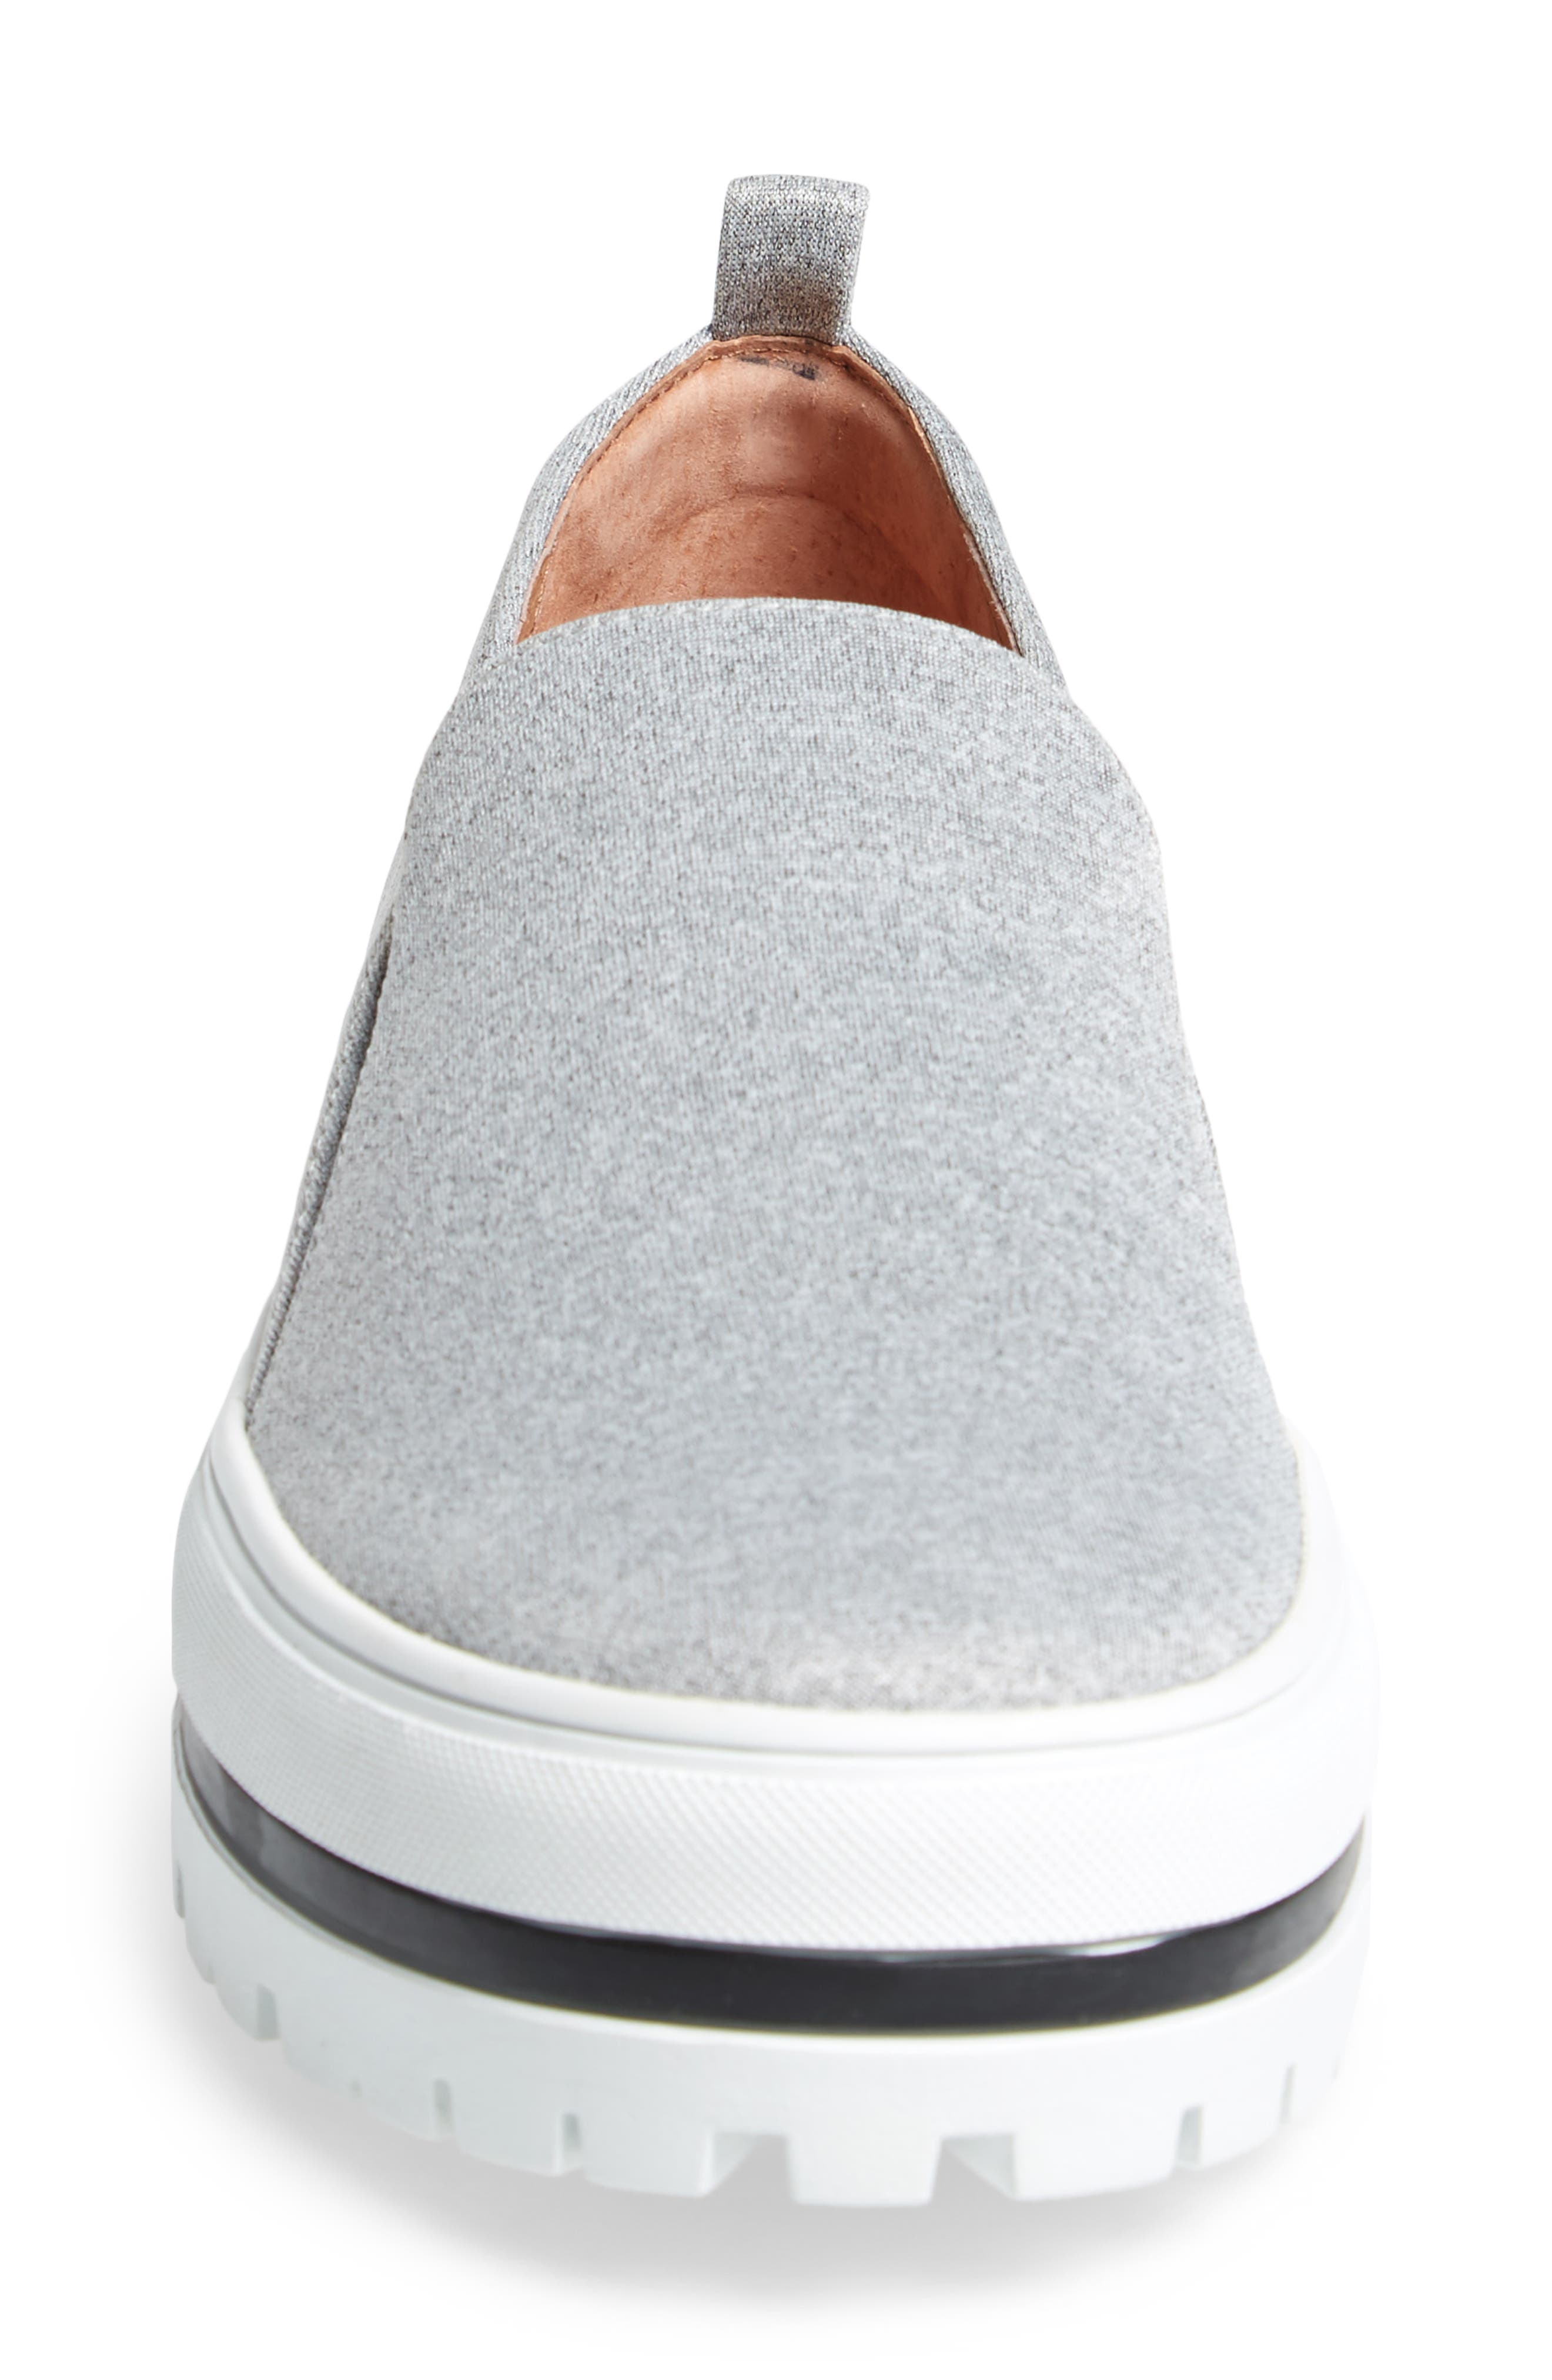 Teagen Sneaker,                             Alternate thumbnail 23, color,